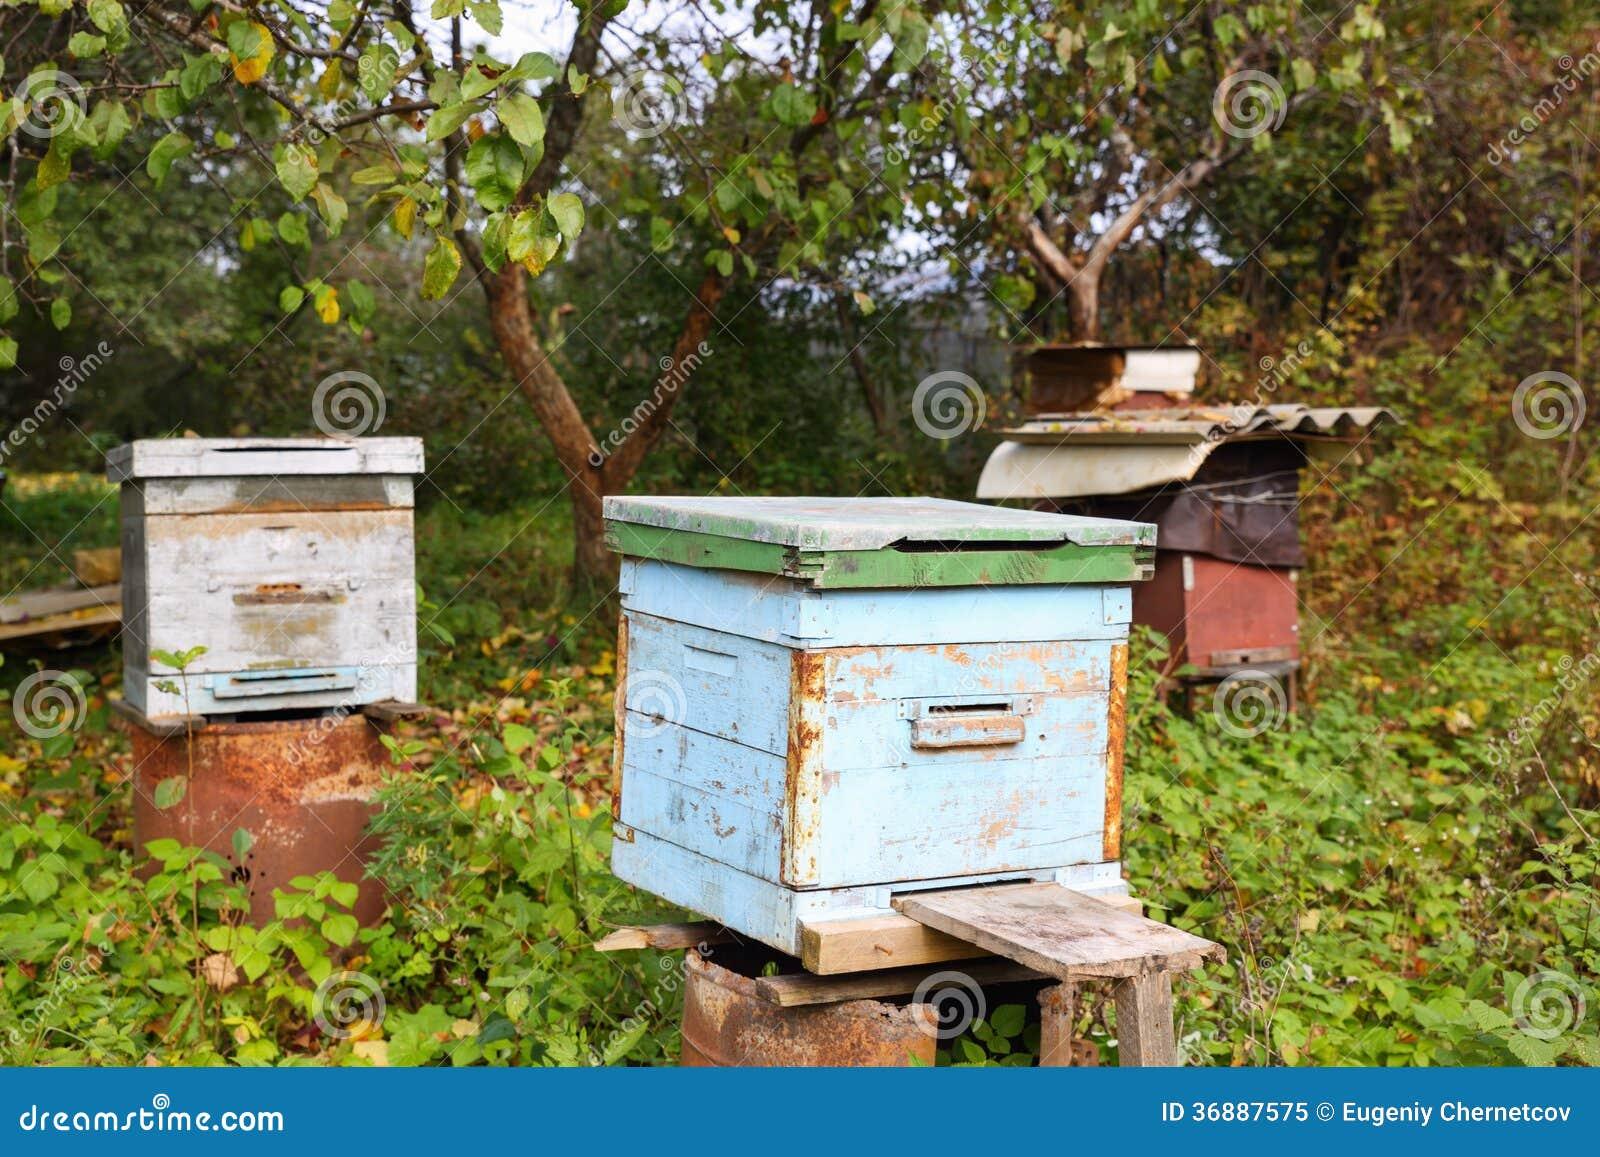 Download Alveare in giardino immagine stock. Immagine di agricoltura - 36887575